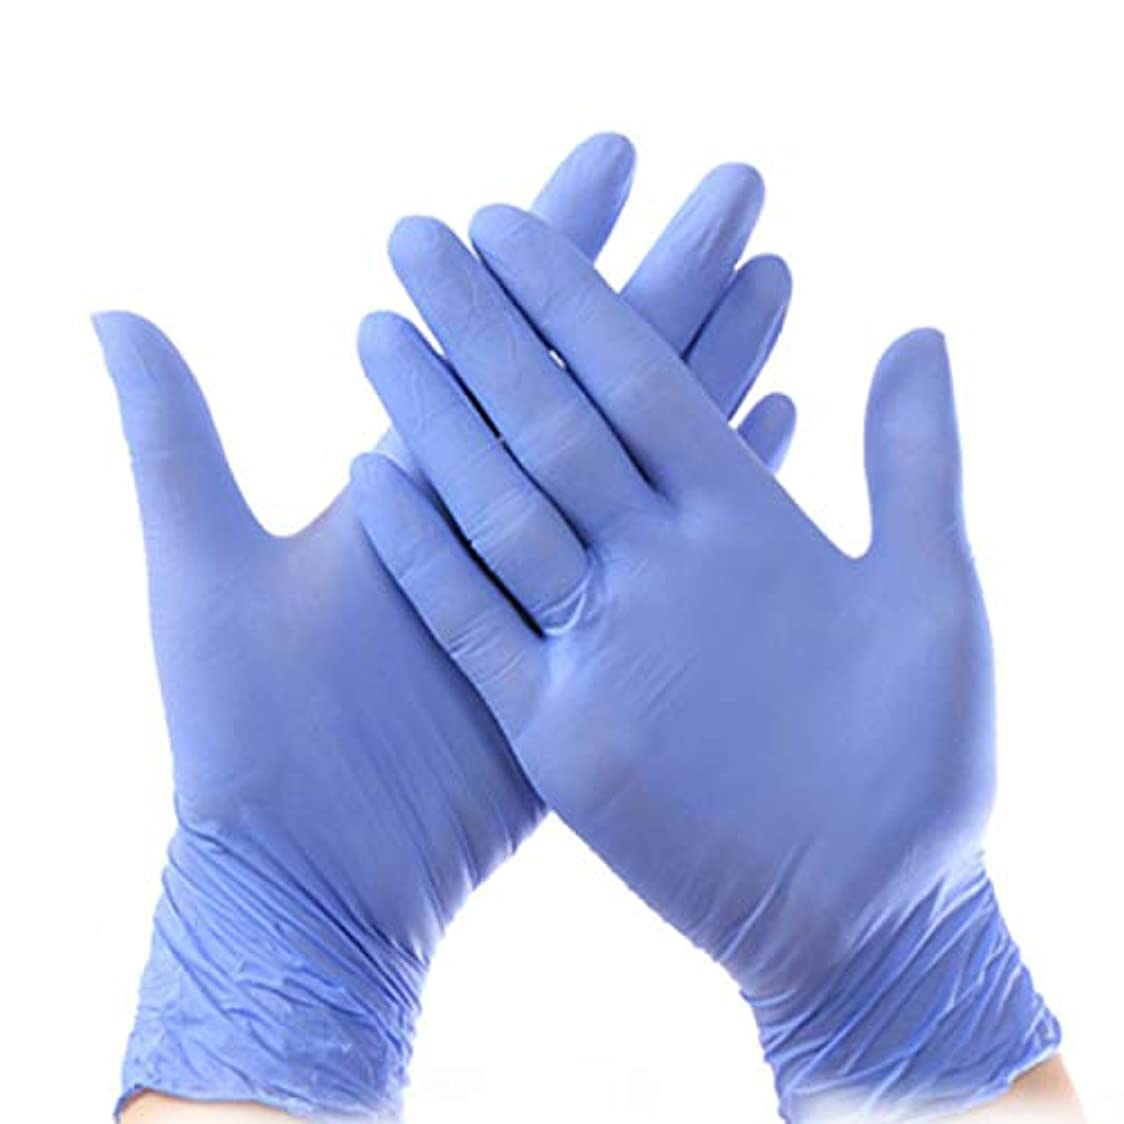 不和甘やかすお嬢使い捨て手袋 ニトリル工業用手袋、パウダーフリー、使い捨て食品安全、パープル、ラテックスフリー、100個入り ニトリルゴム手袋 (Color : Purple, Size : S)